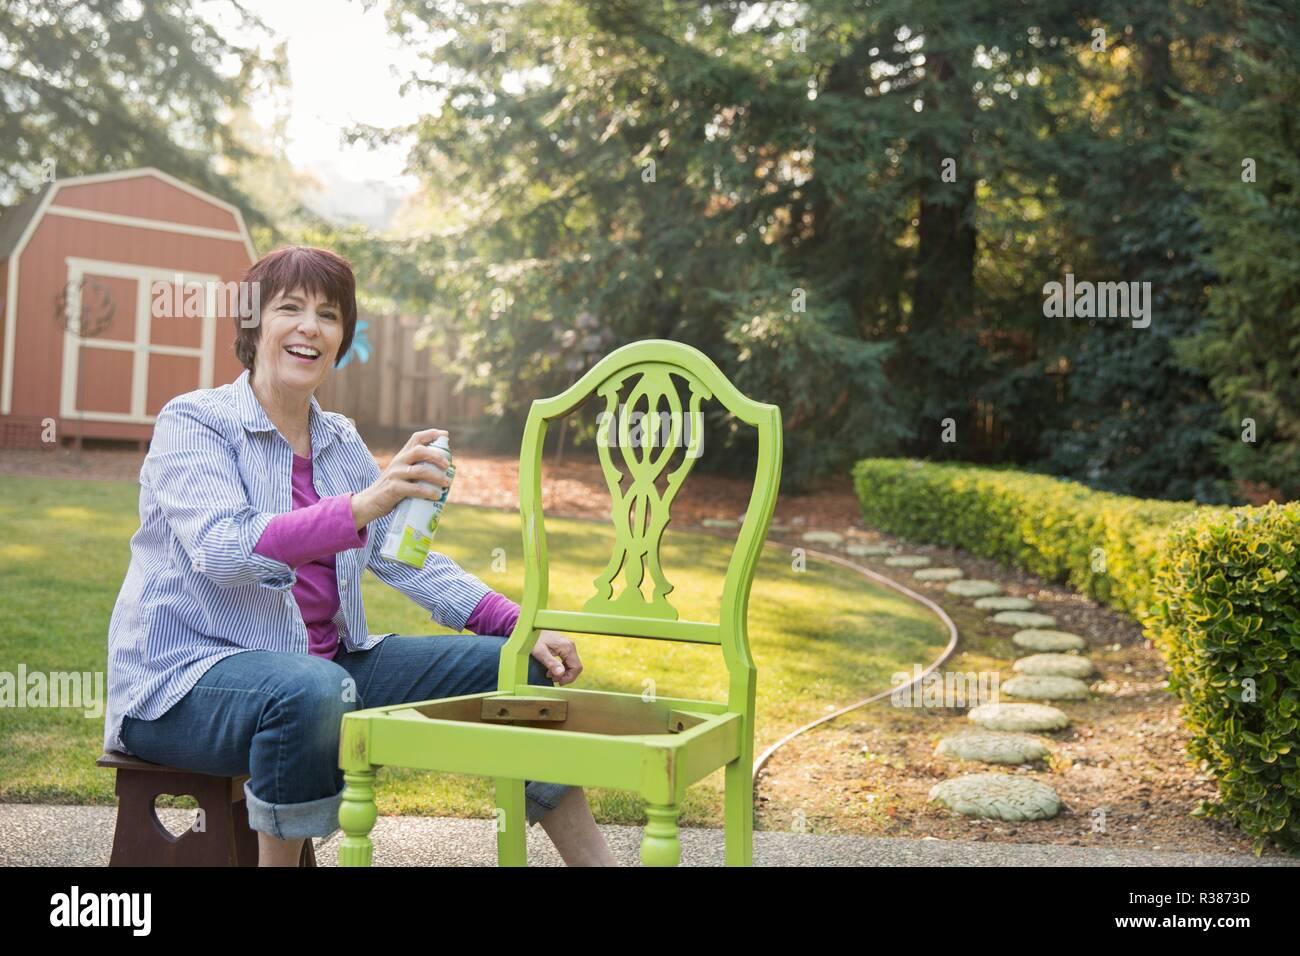 A mature women artist restoring a chair. - Stock Image